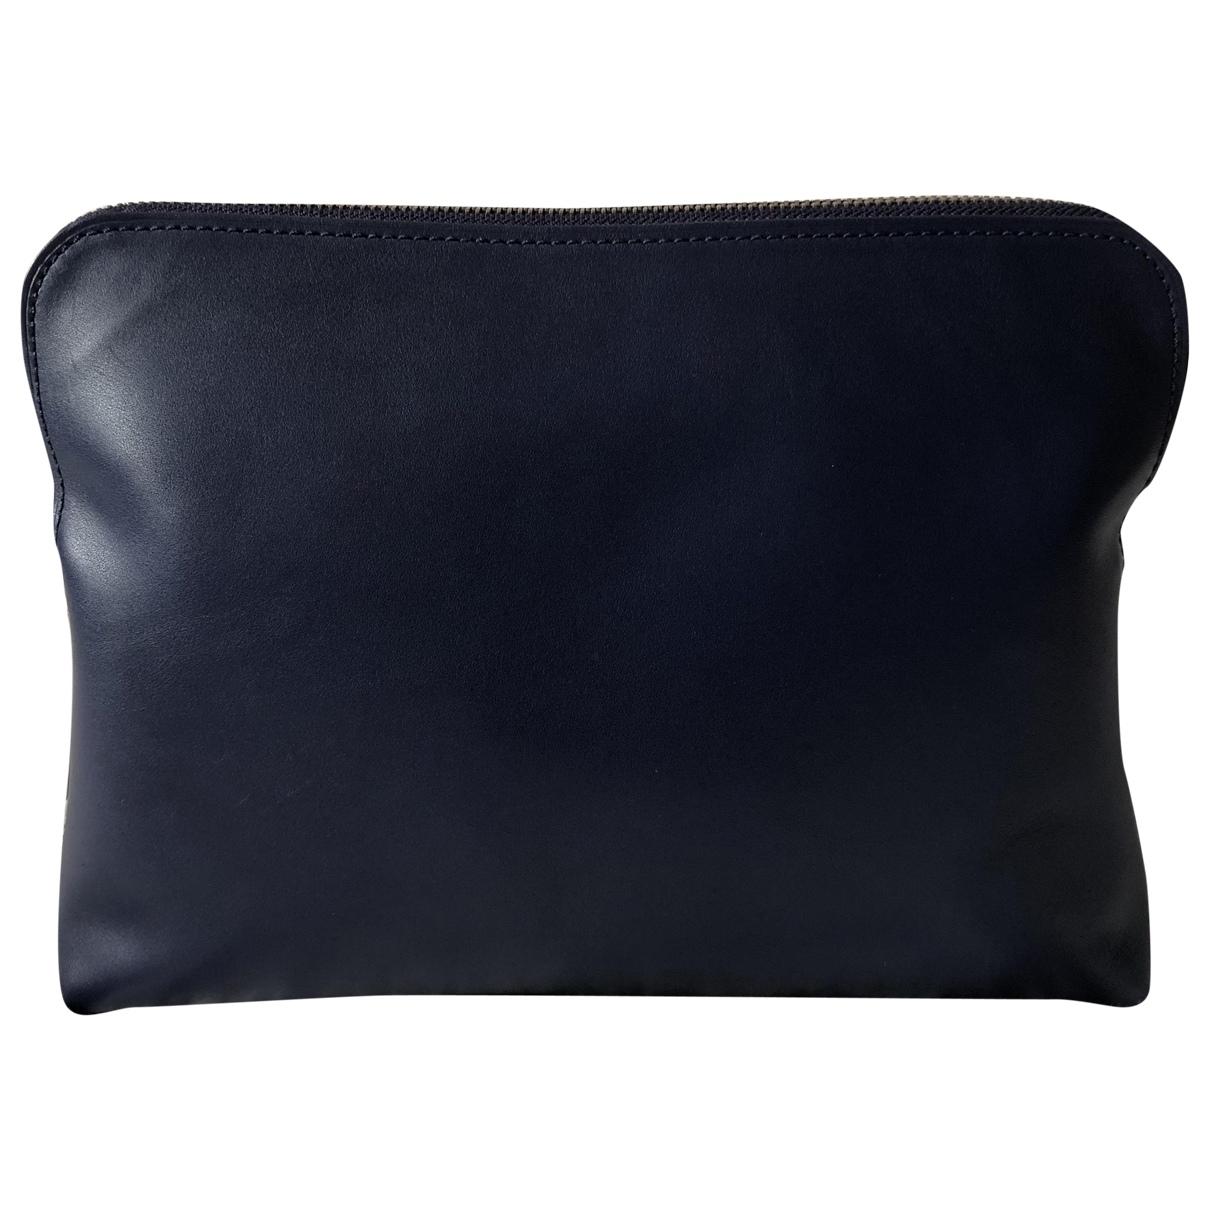 3.1 Phillip Lim - Pochette   pour femme en cuir - bleu